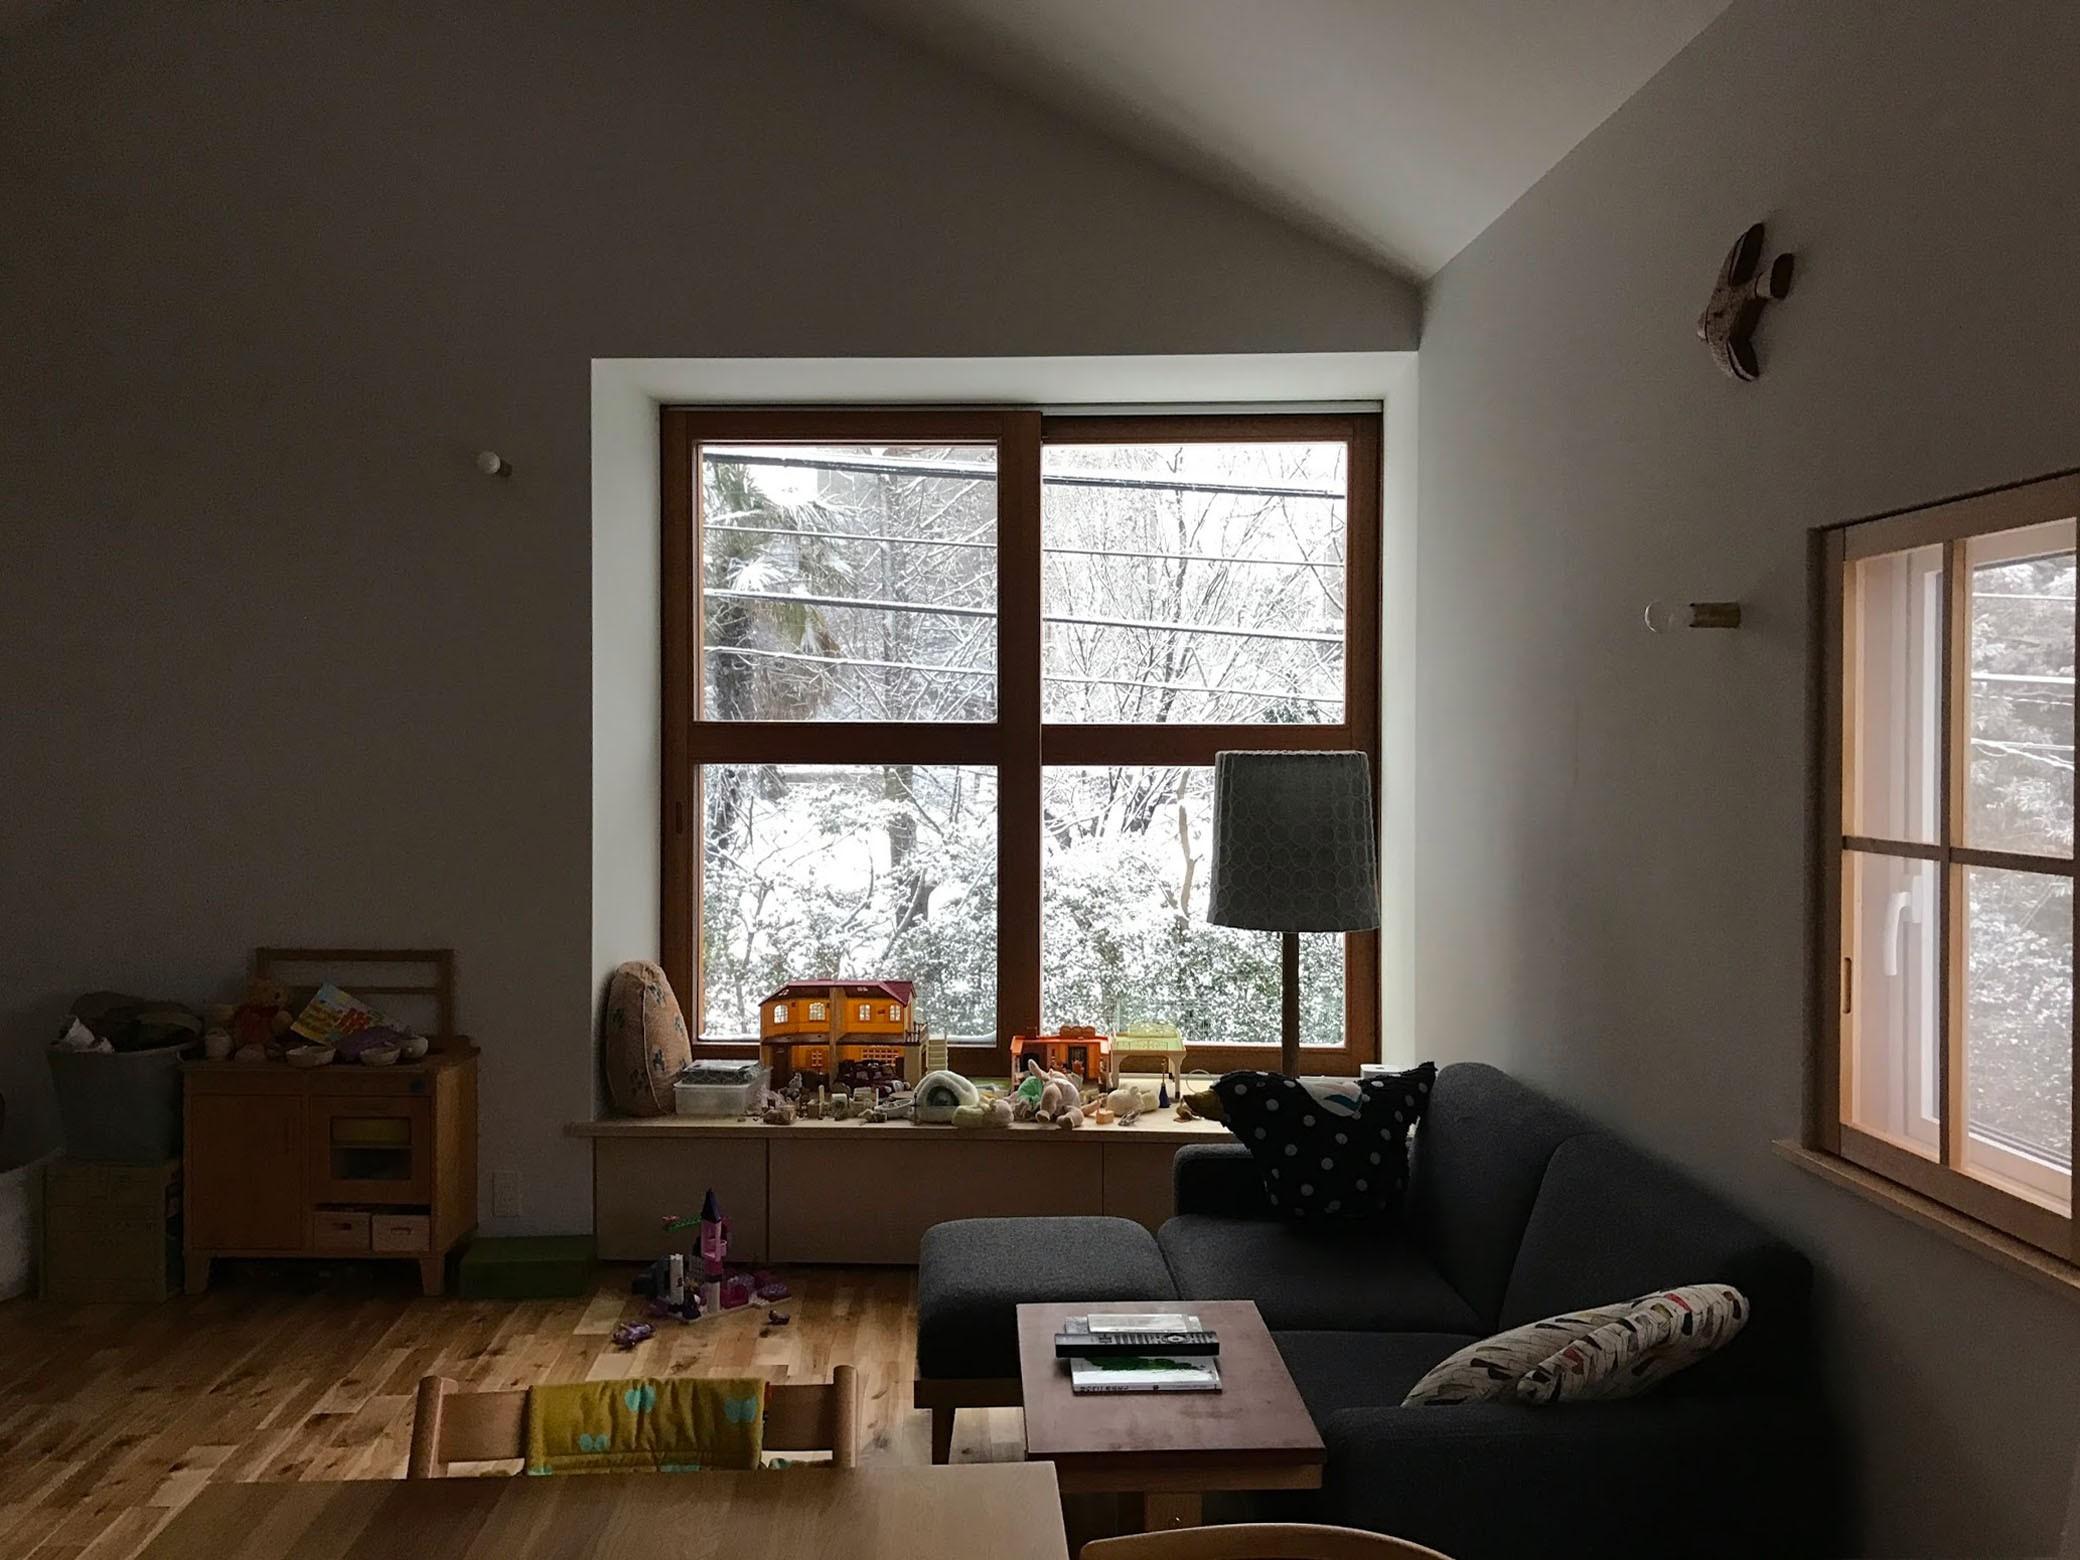 リビングダイニング事例:雪の日のリビング(木々と木の窓の家)